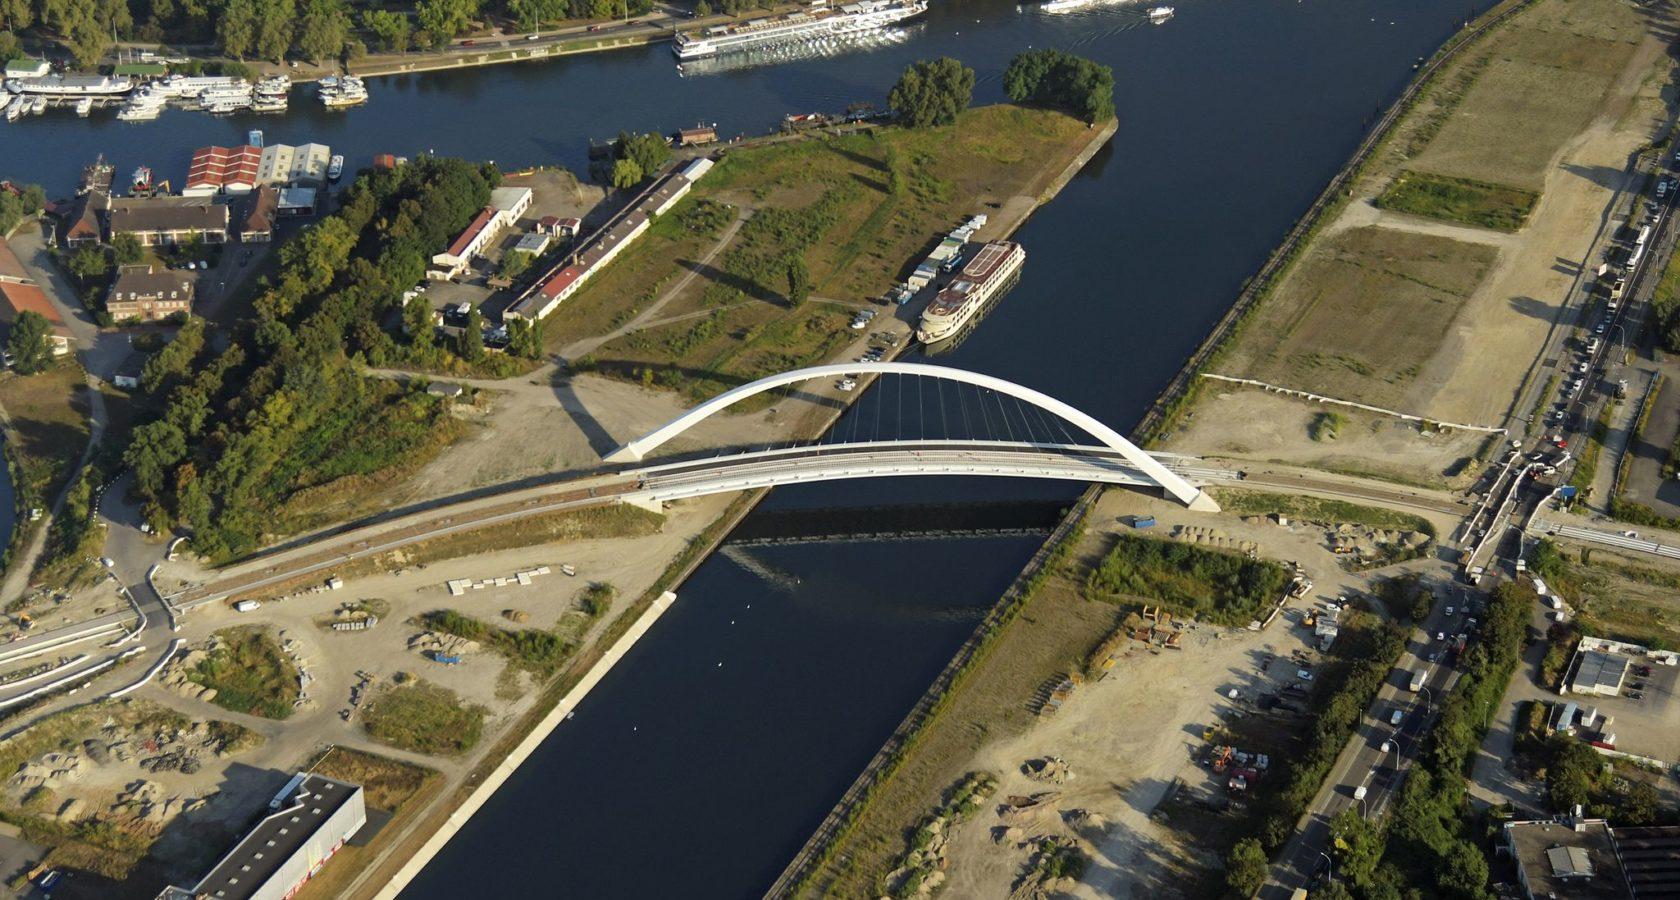 Luftbildaufnahme von der André-Bord-Brücke im Viertel Citadelle, Copyright Jean Isenmann, ADEUS